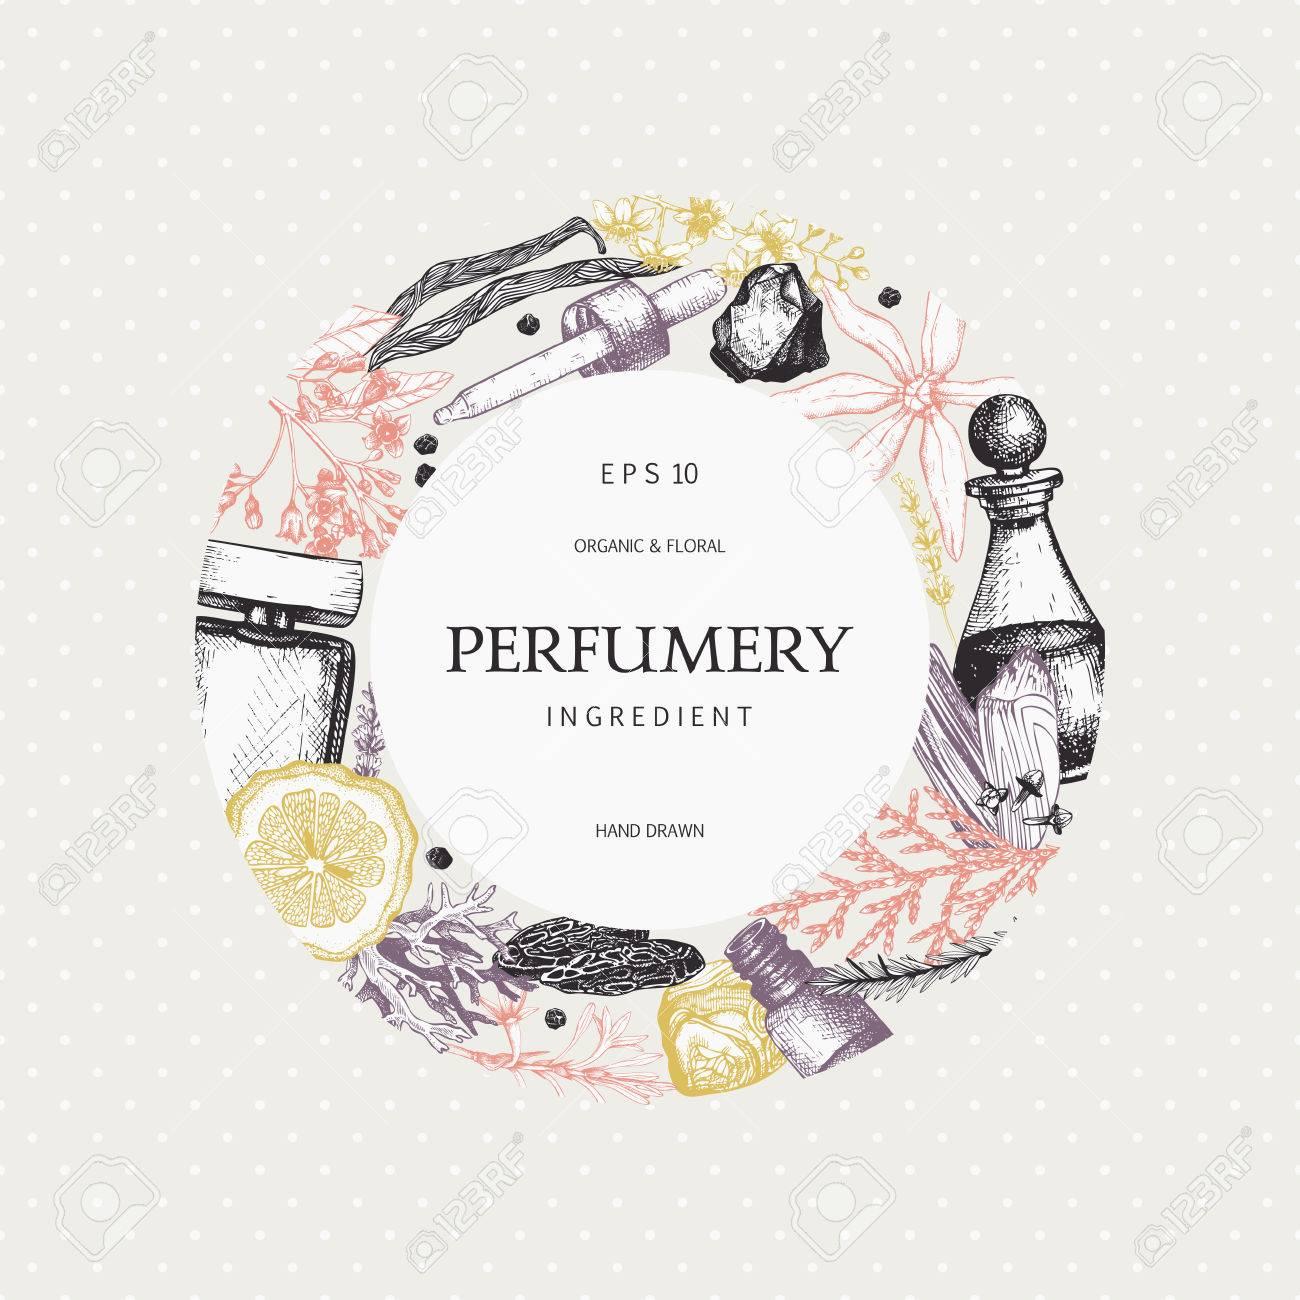 Vintage perfumery and cosmetics illustrations set - 77035384